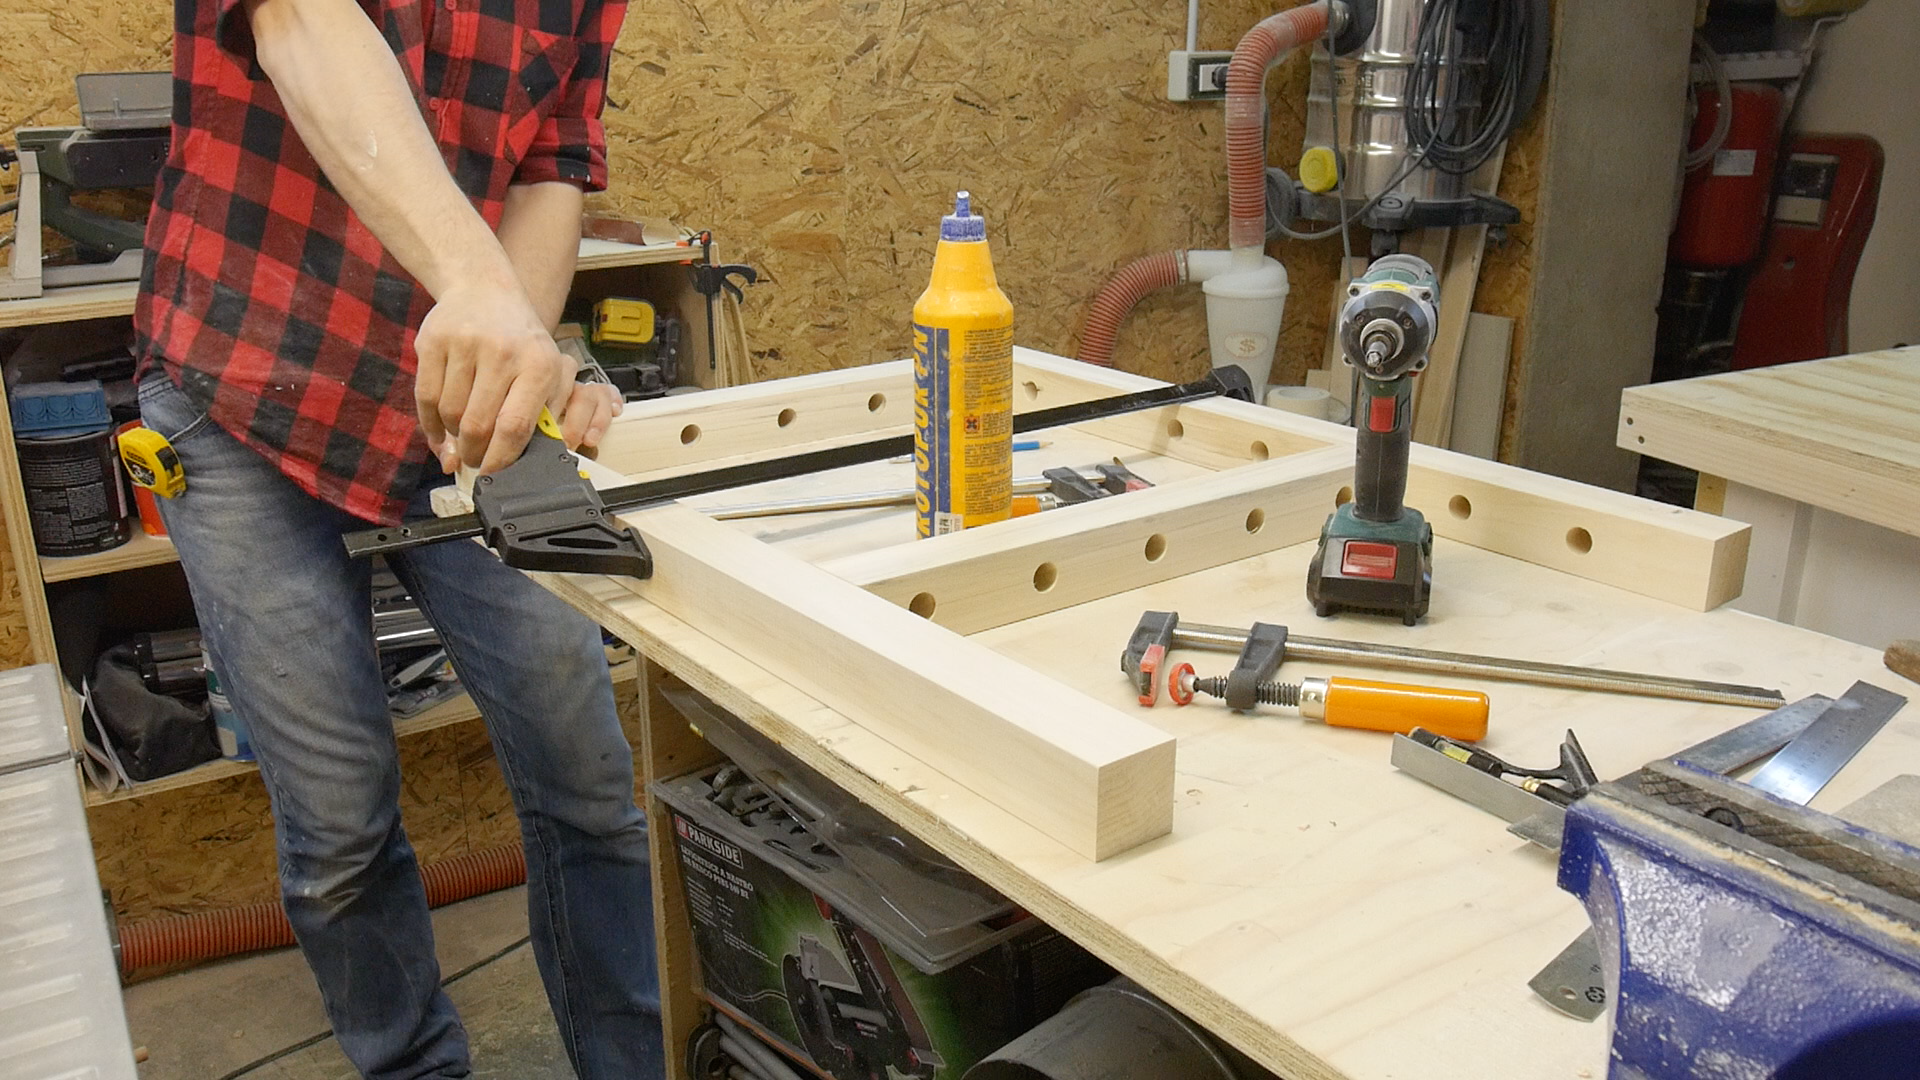 Ruote Per Tavolo Da Lavoro : Come realizzare un banco da lavoro pieghevole mattley.it